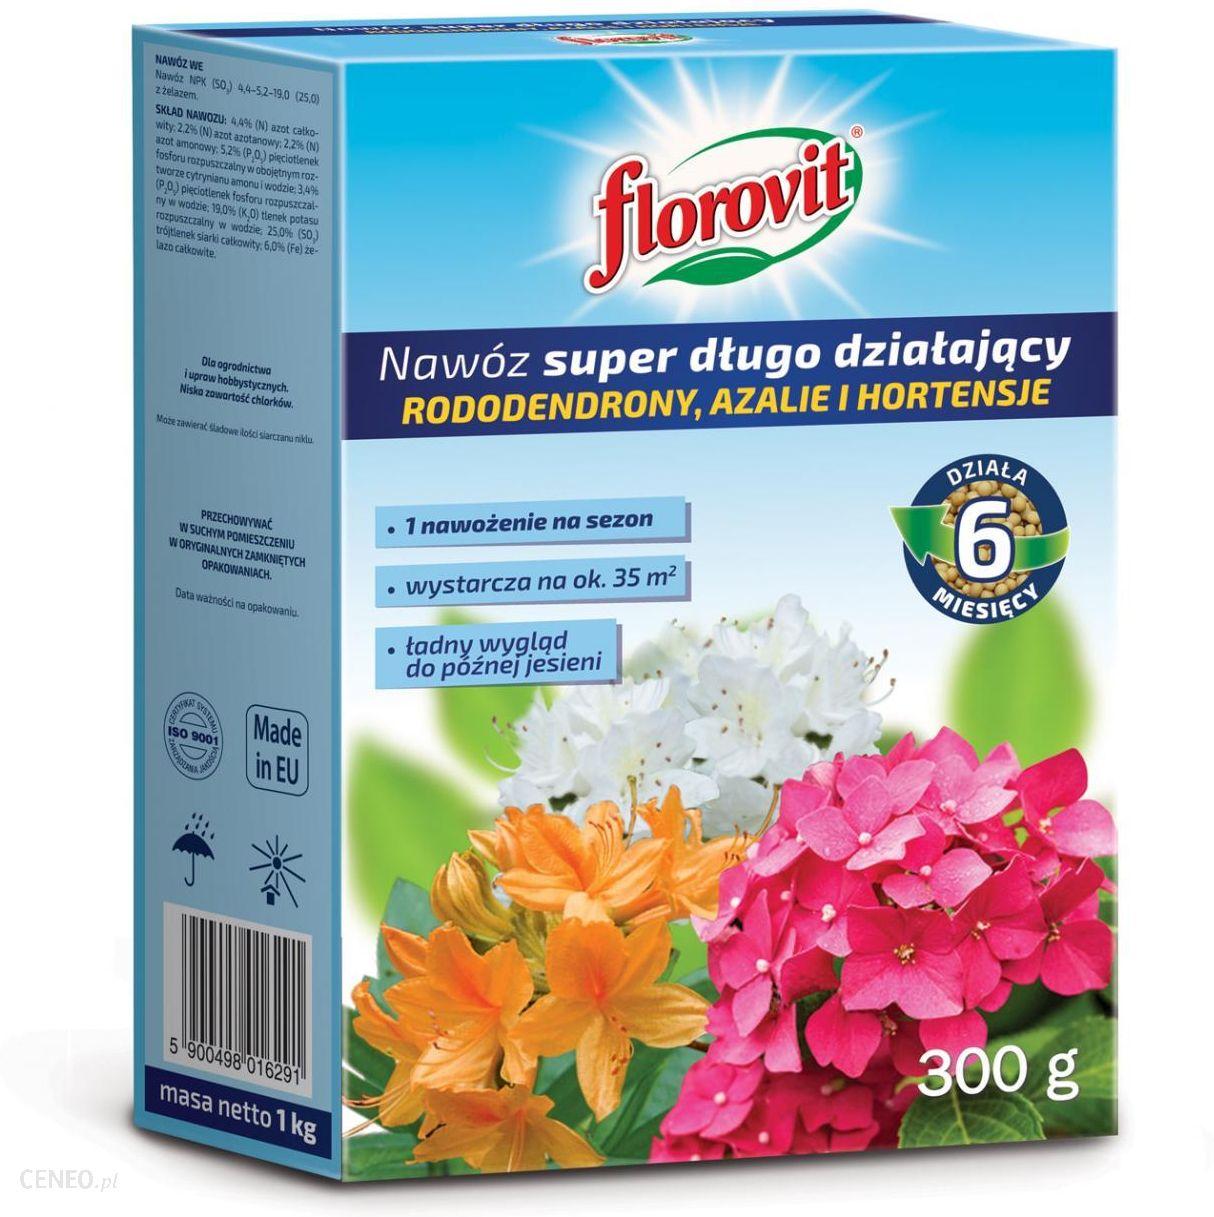 Nawoz Florovit Nawoz Dlugo Dzialajacy Rododendrony Ceny I Opinie Ceneo Pl